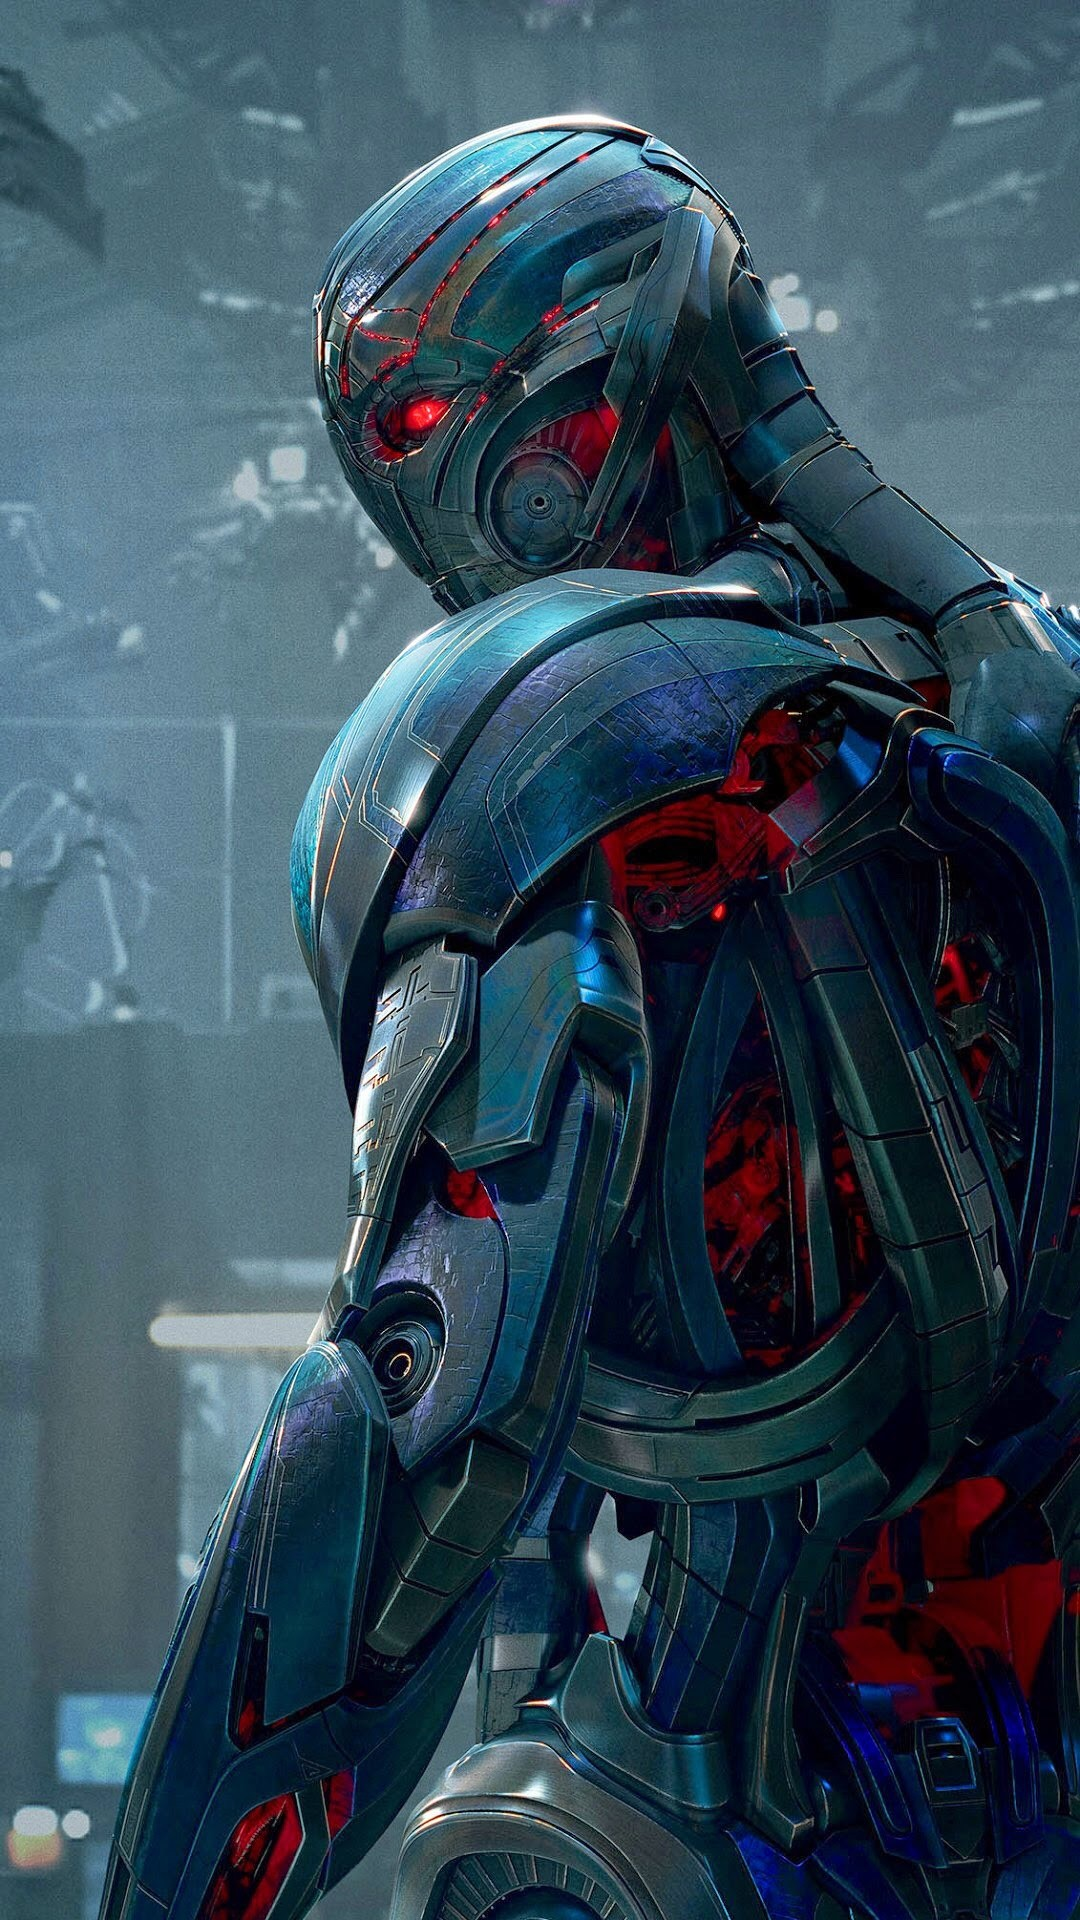 Marvel wallpaper hd 68 images - Avengers superhero wallpaper ...